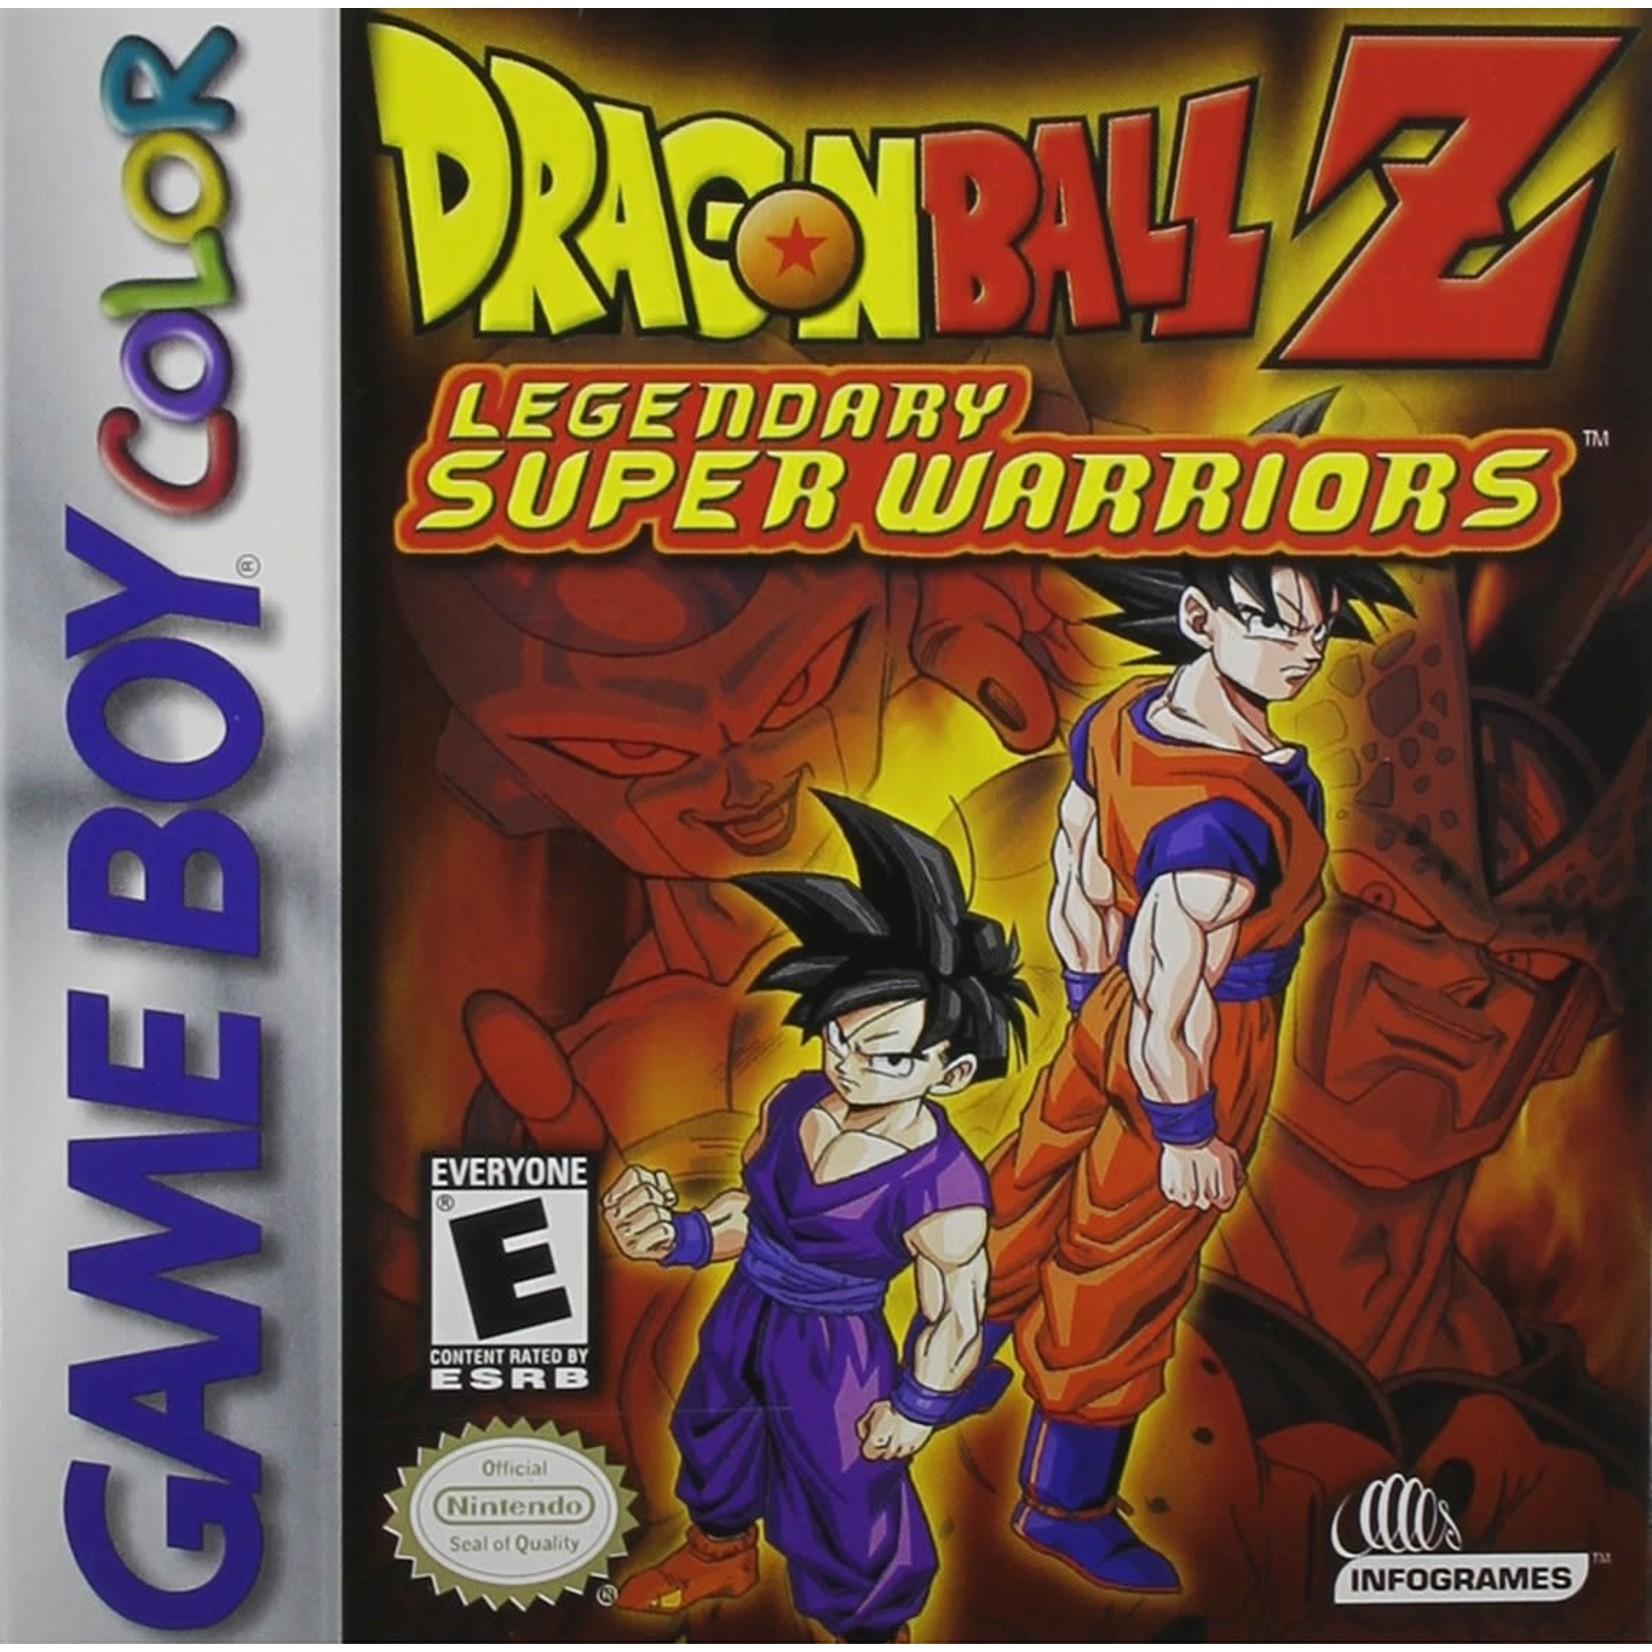 GBCU-Dragon Ball Z Legendary Super Warriors